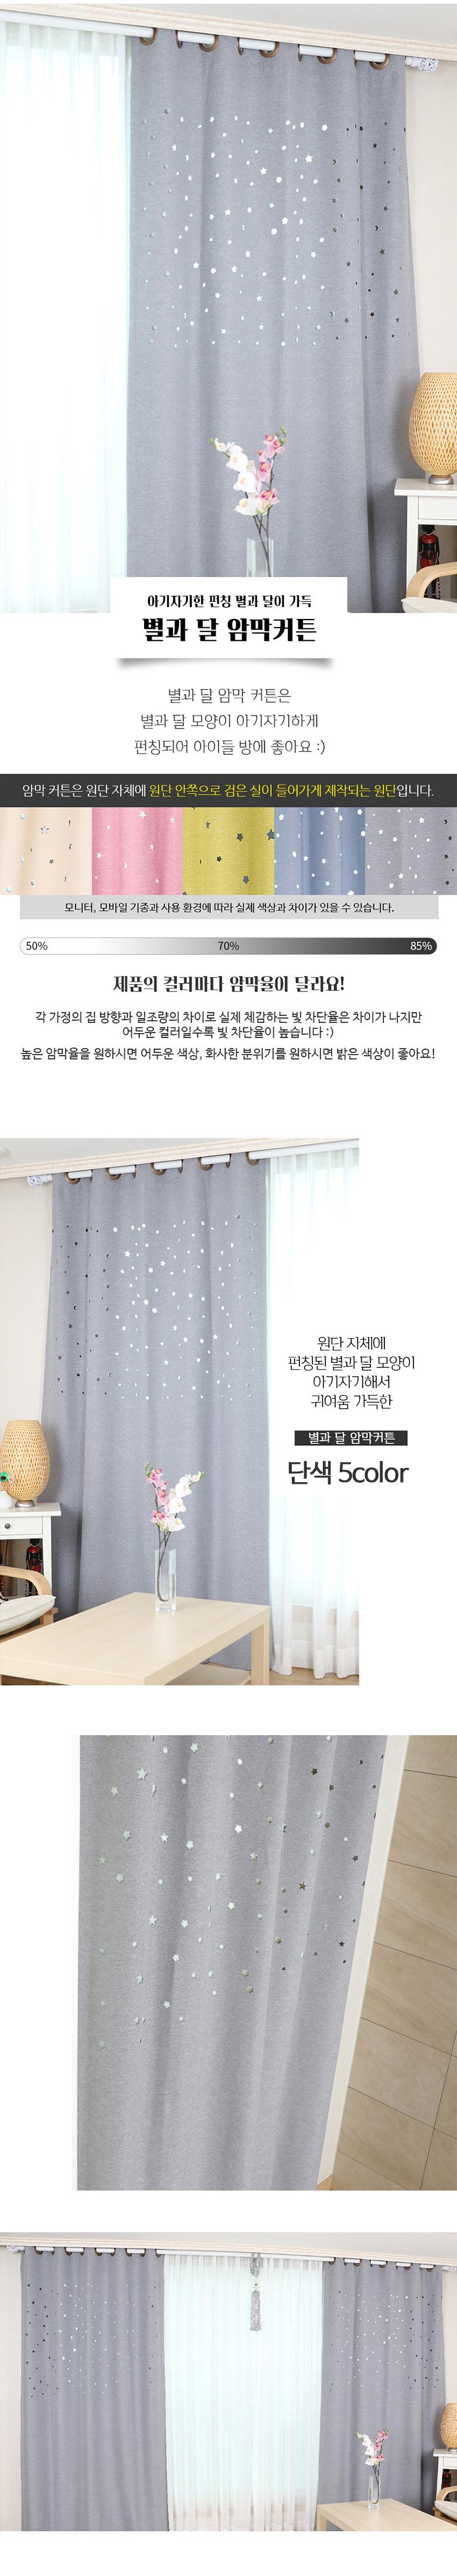 별과 달 제품 이미지